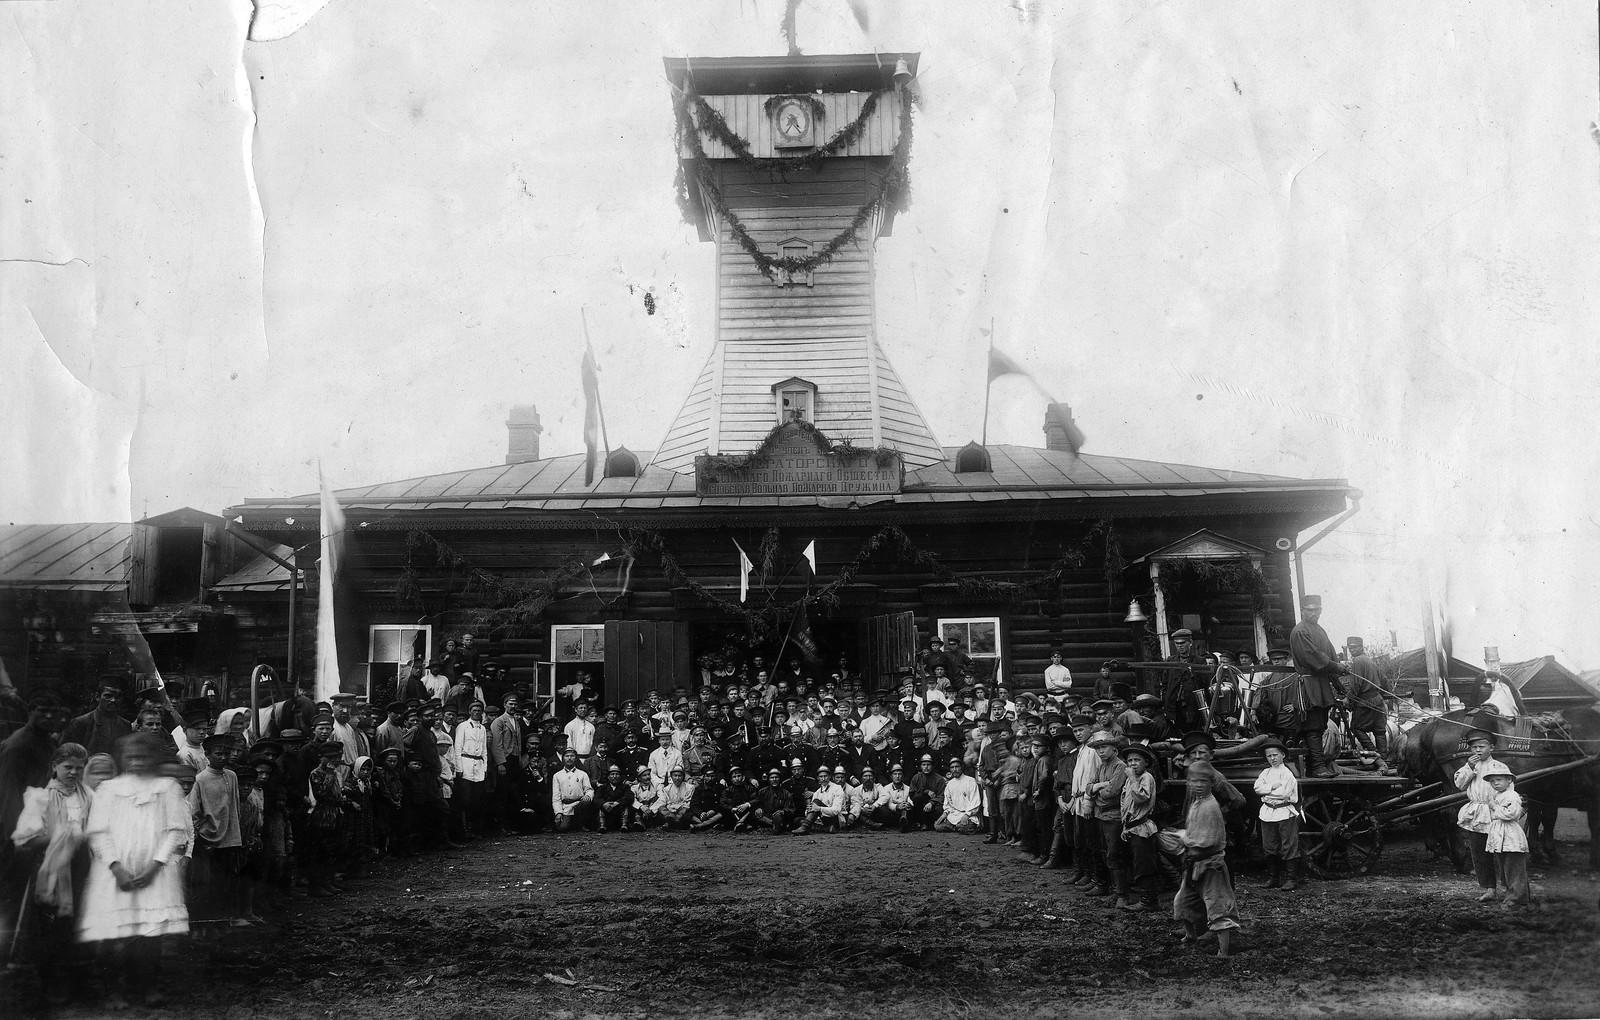 1912. Усольская вольная пожарная дружина, действительный член Императорского российского пожарного общества, с местным населением.